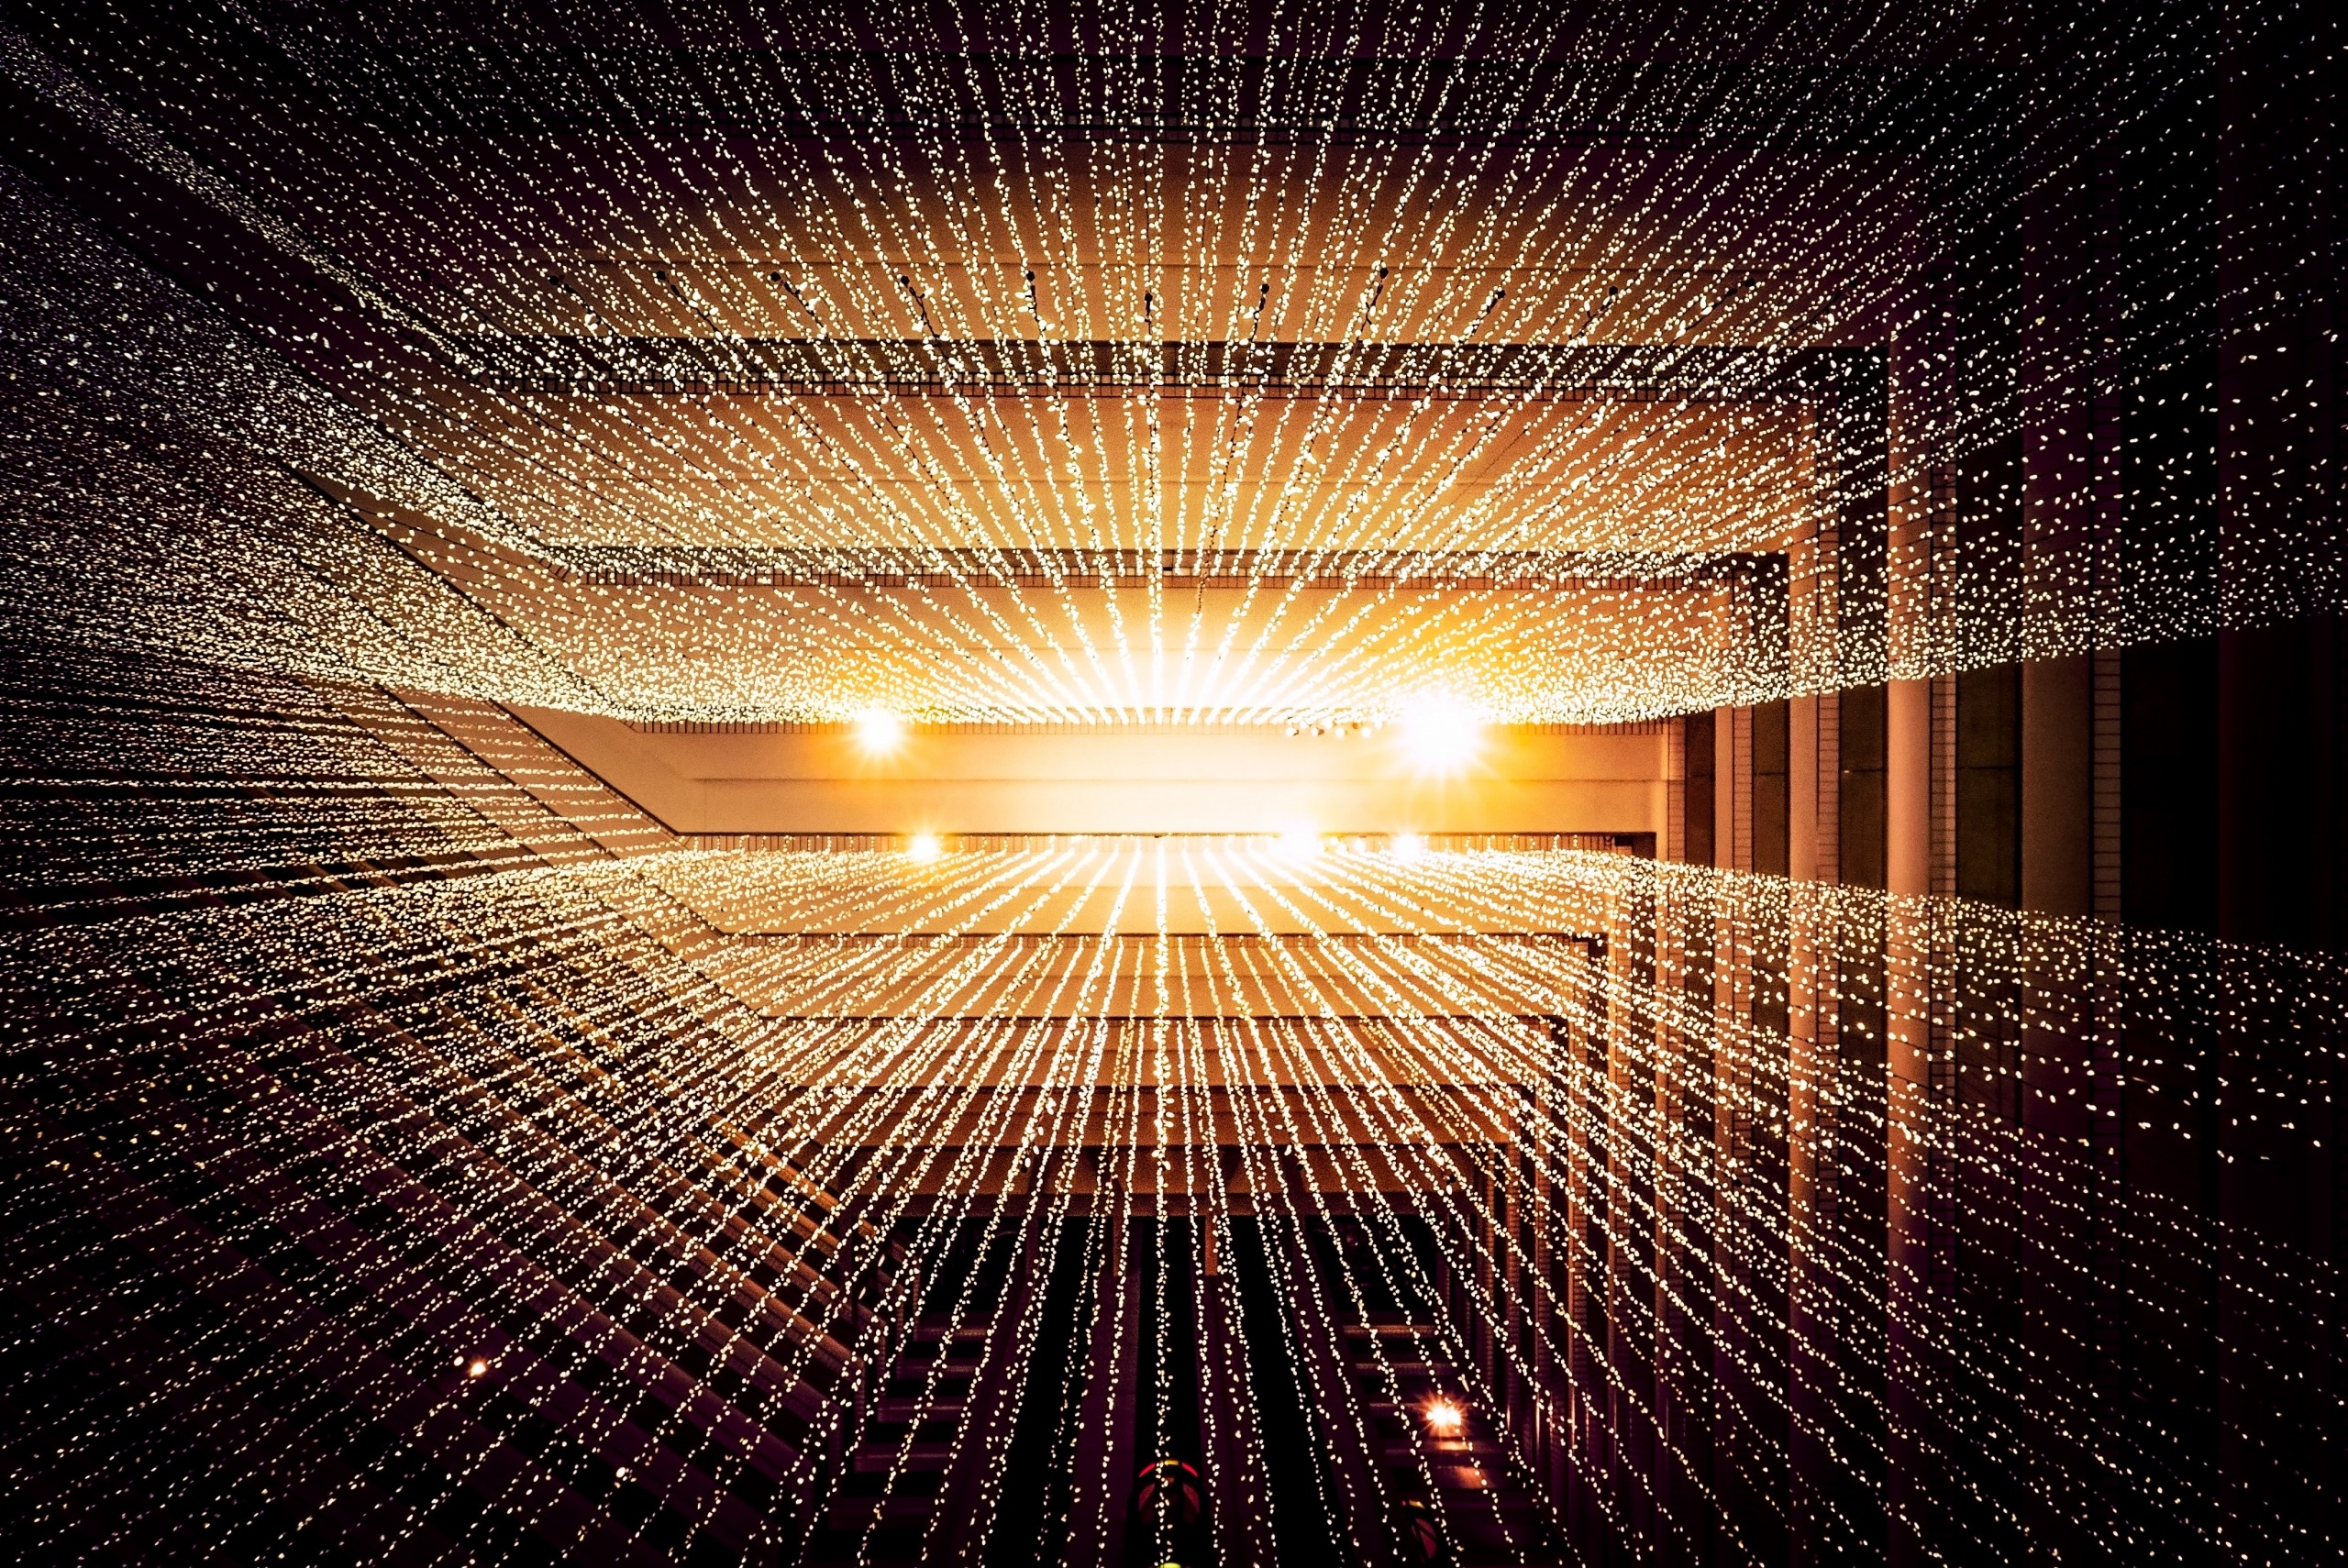 Herausforderungen in derTaxTechBranche und warum sich die Digitalisierung lohnt? – Gastbeitrag Informer